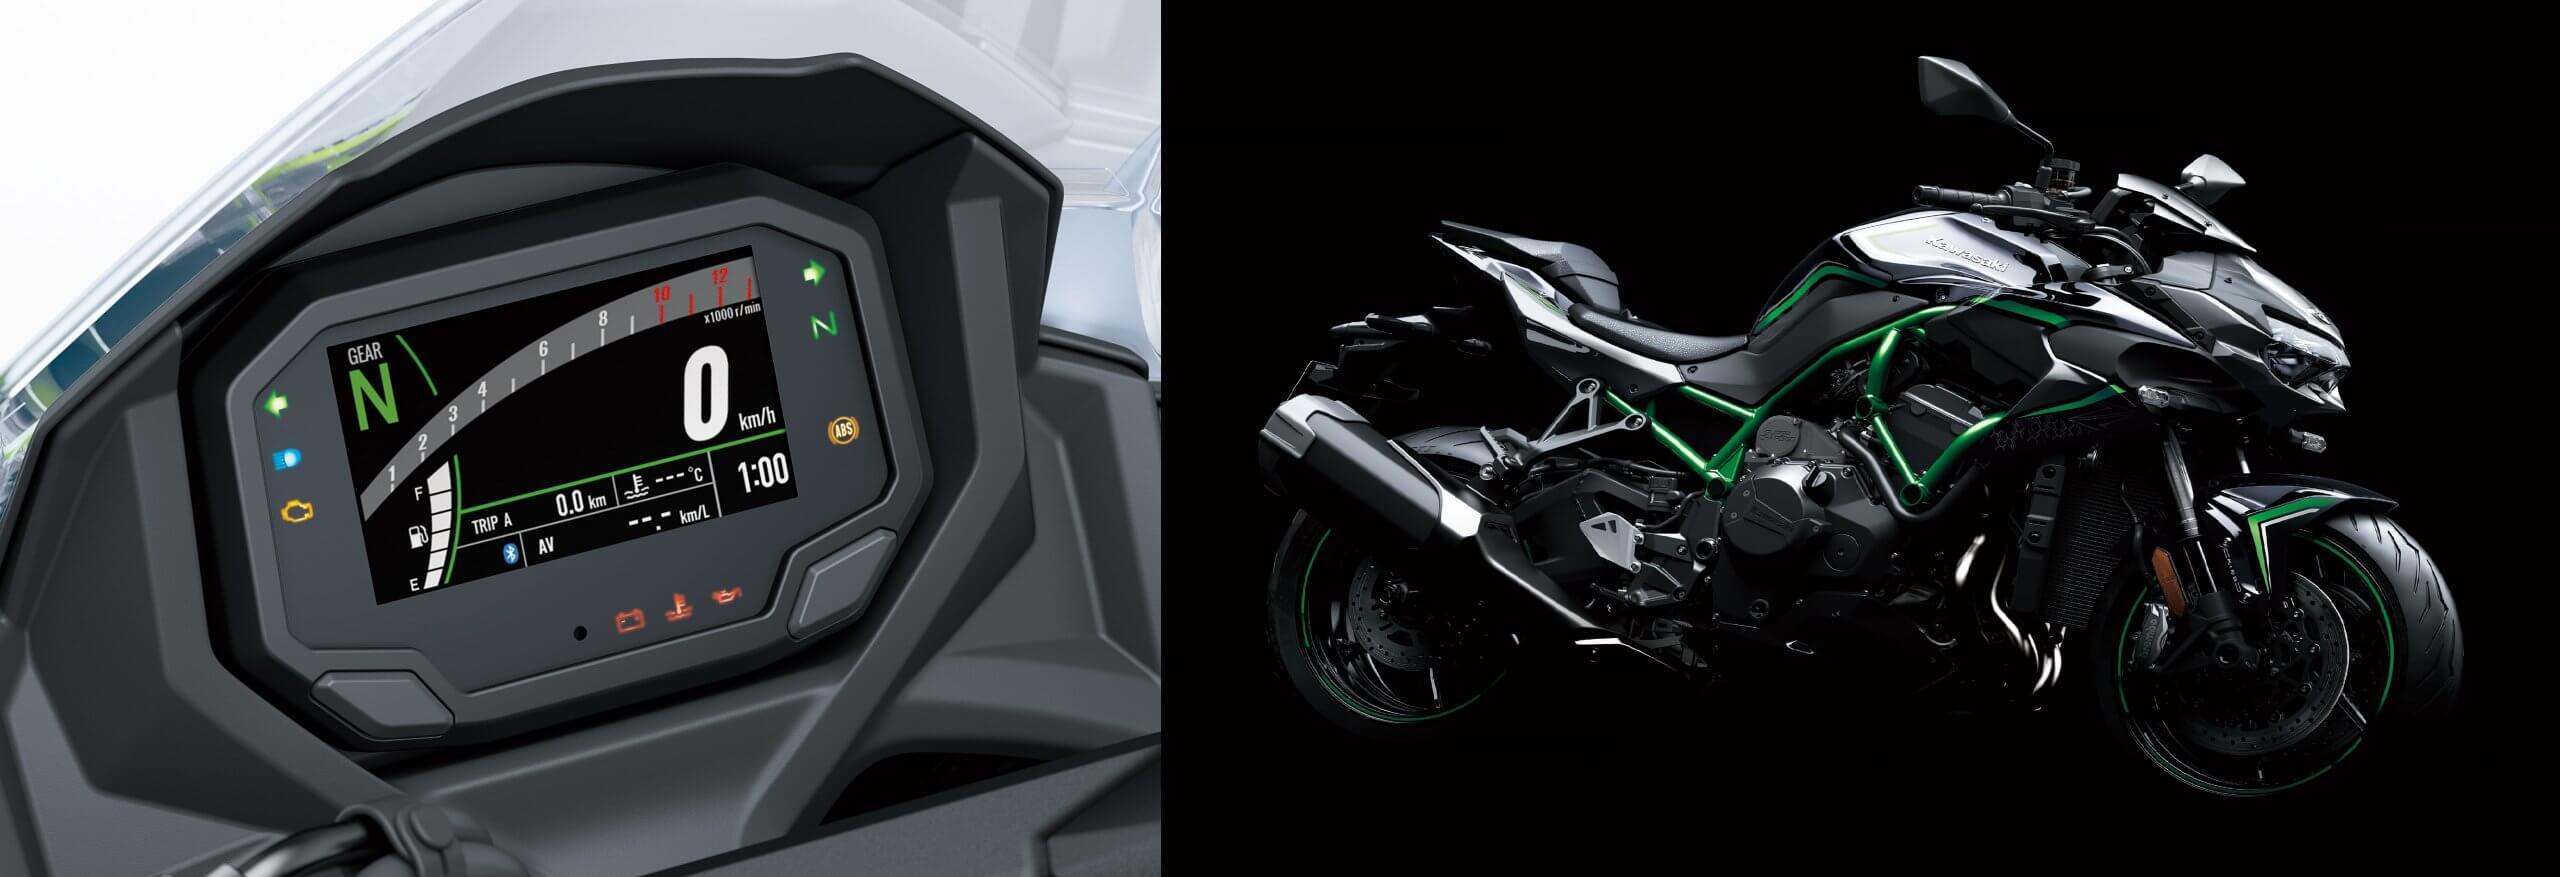 Kawasaki Z H2 - 200 koňová motorka na každodenné použitie